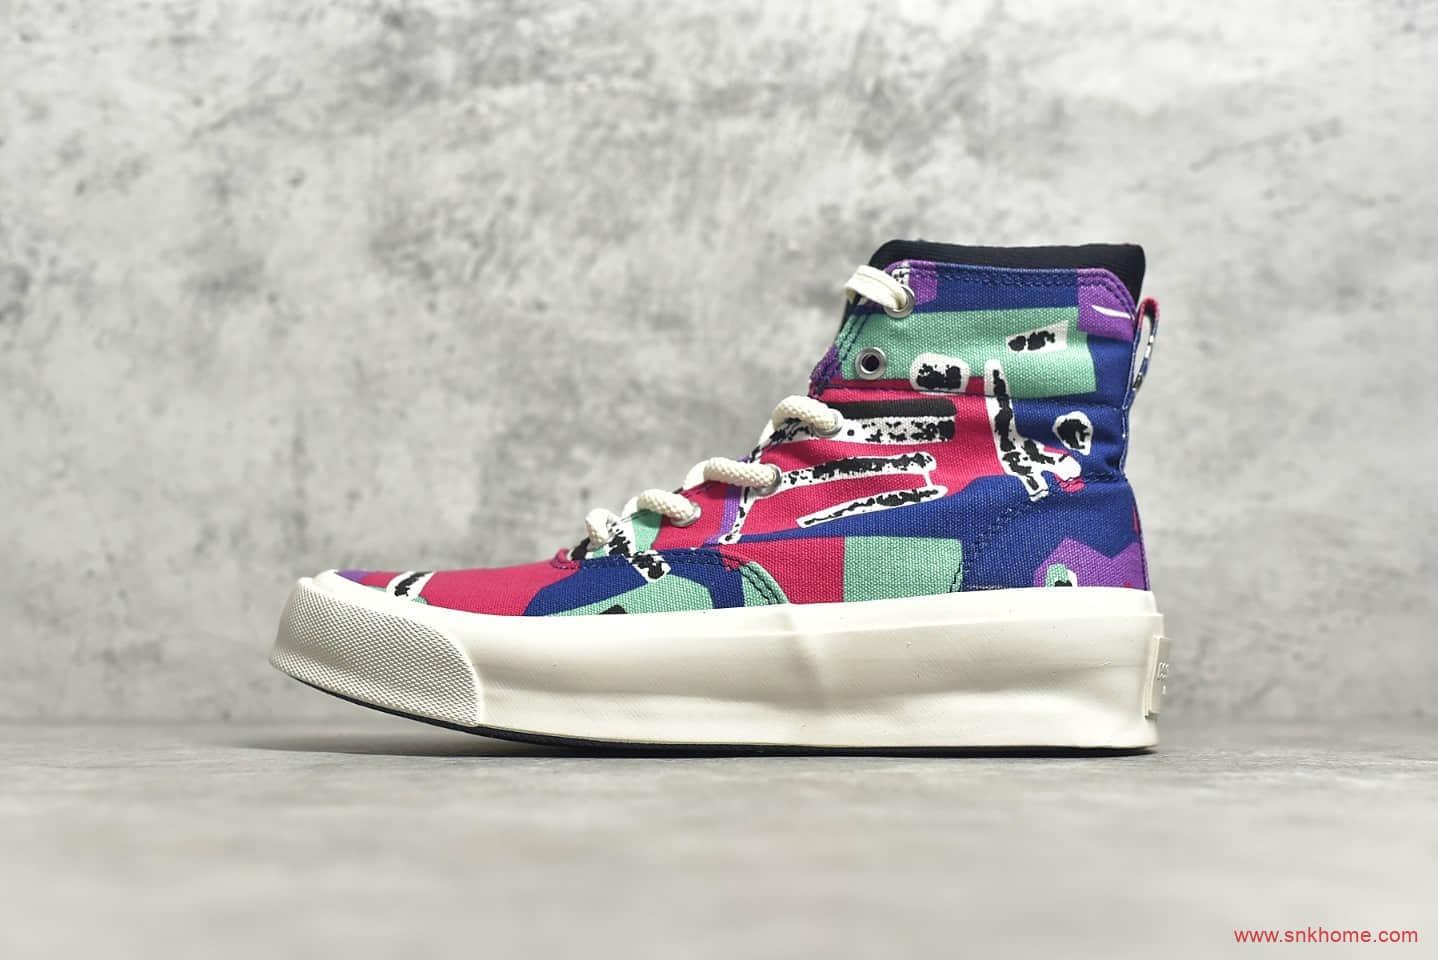 匡威FOG联名涂鸦高帮帆布鞋 Converse x FOG Essentials Skid grop周杰伦欧阳娜娜同款匡威 货号:169888C-潮流者之家